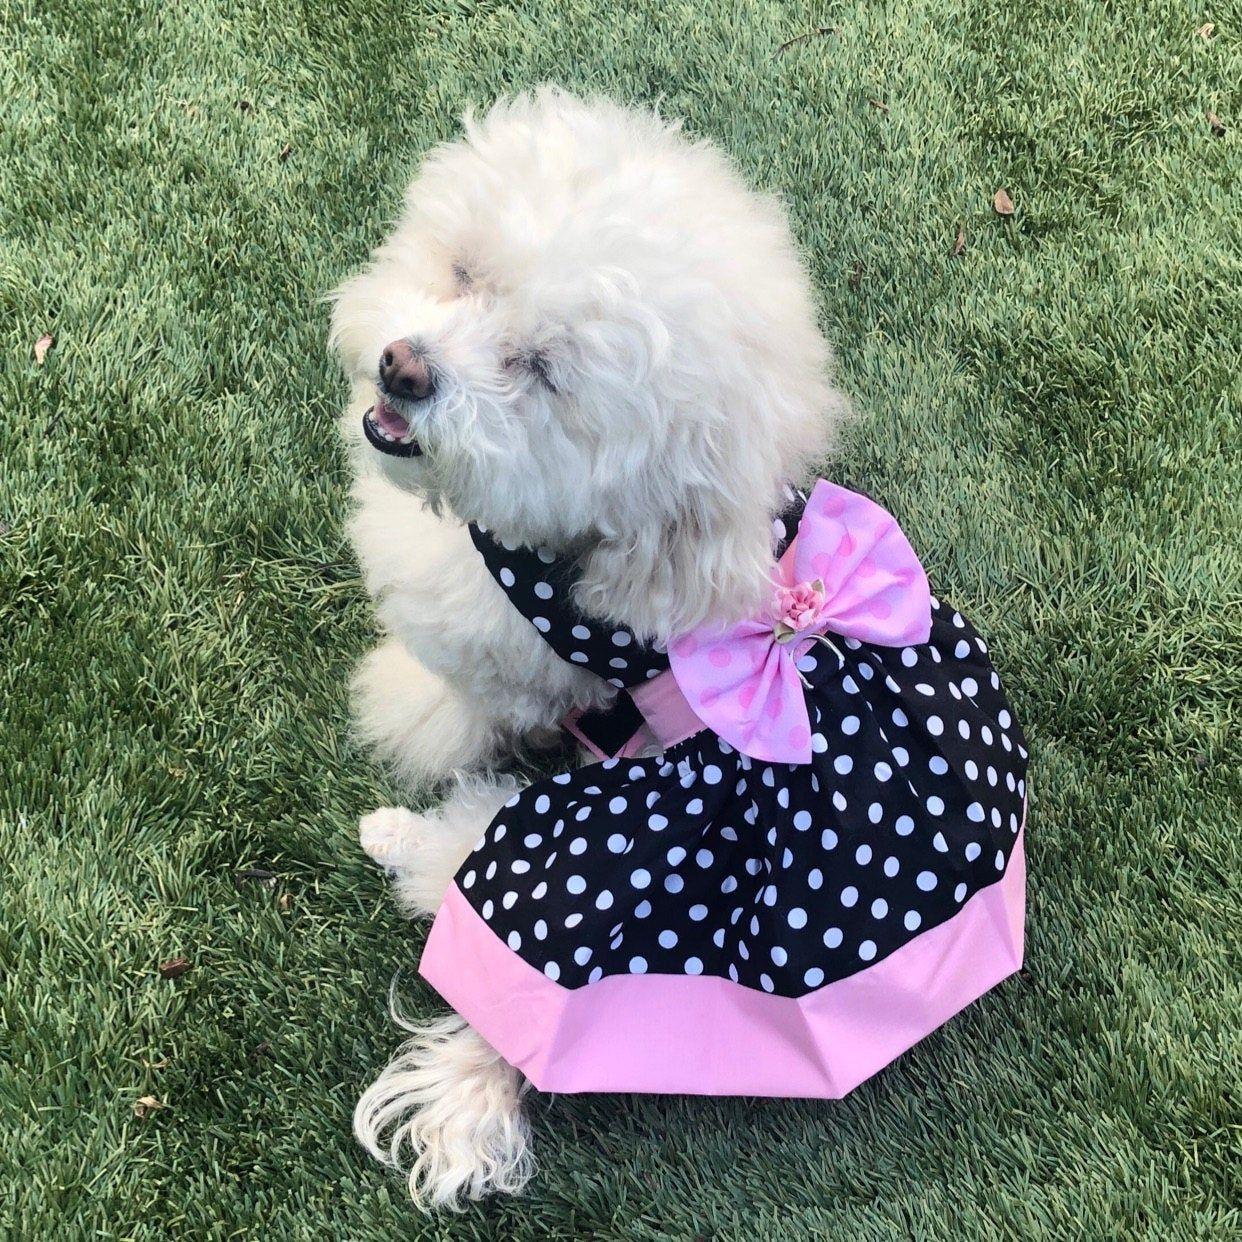 Pink Banded Polka Dot Dog Harness Dress Xxxs Xxs Xs S M Dog